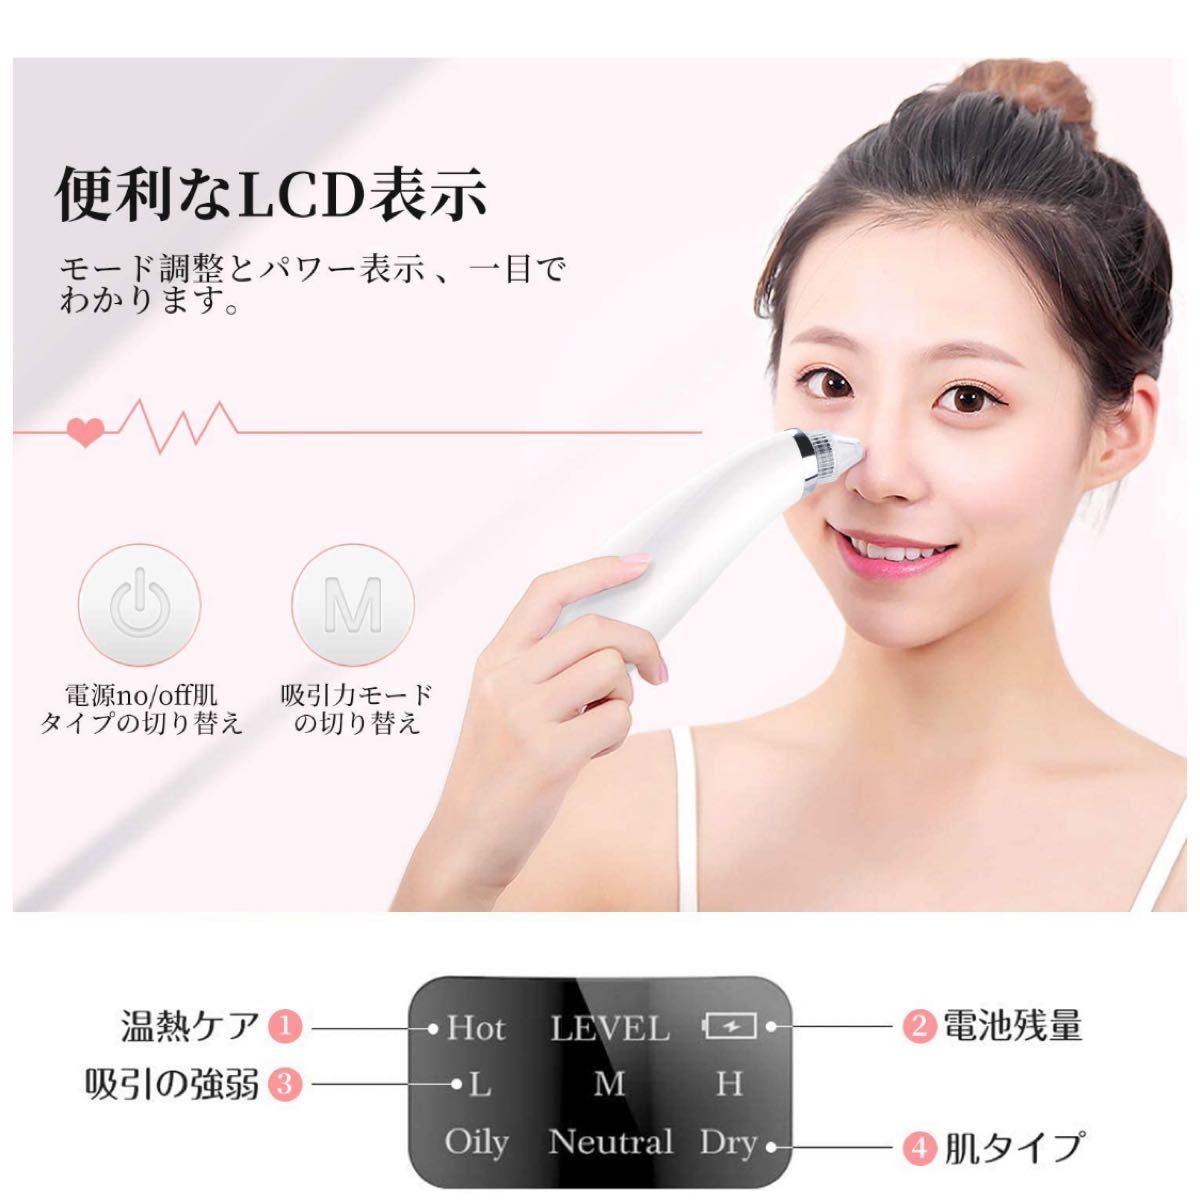 最新モデル 毛穴吸引器 3つモデル*3段階吸引力 温熱ケア 毛穴 美顔器